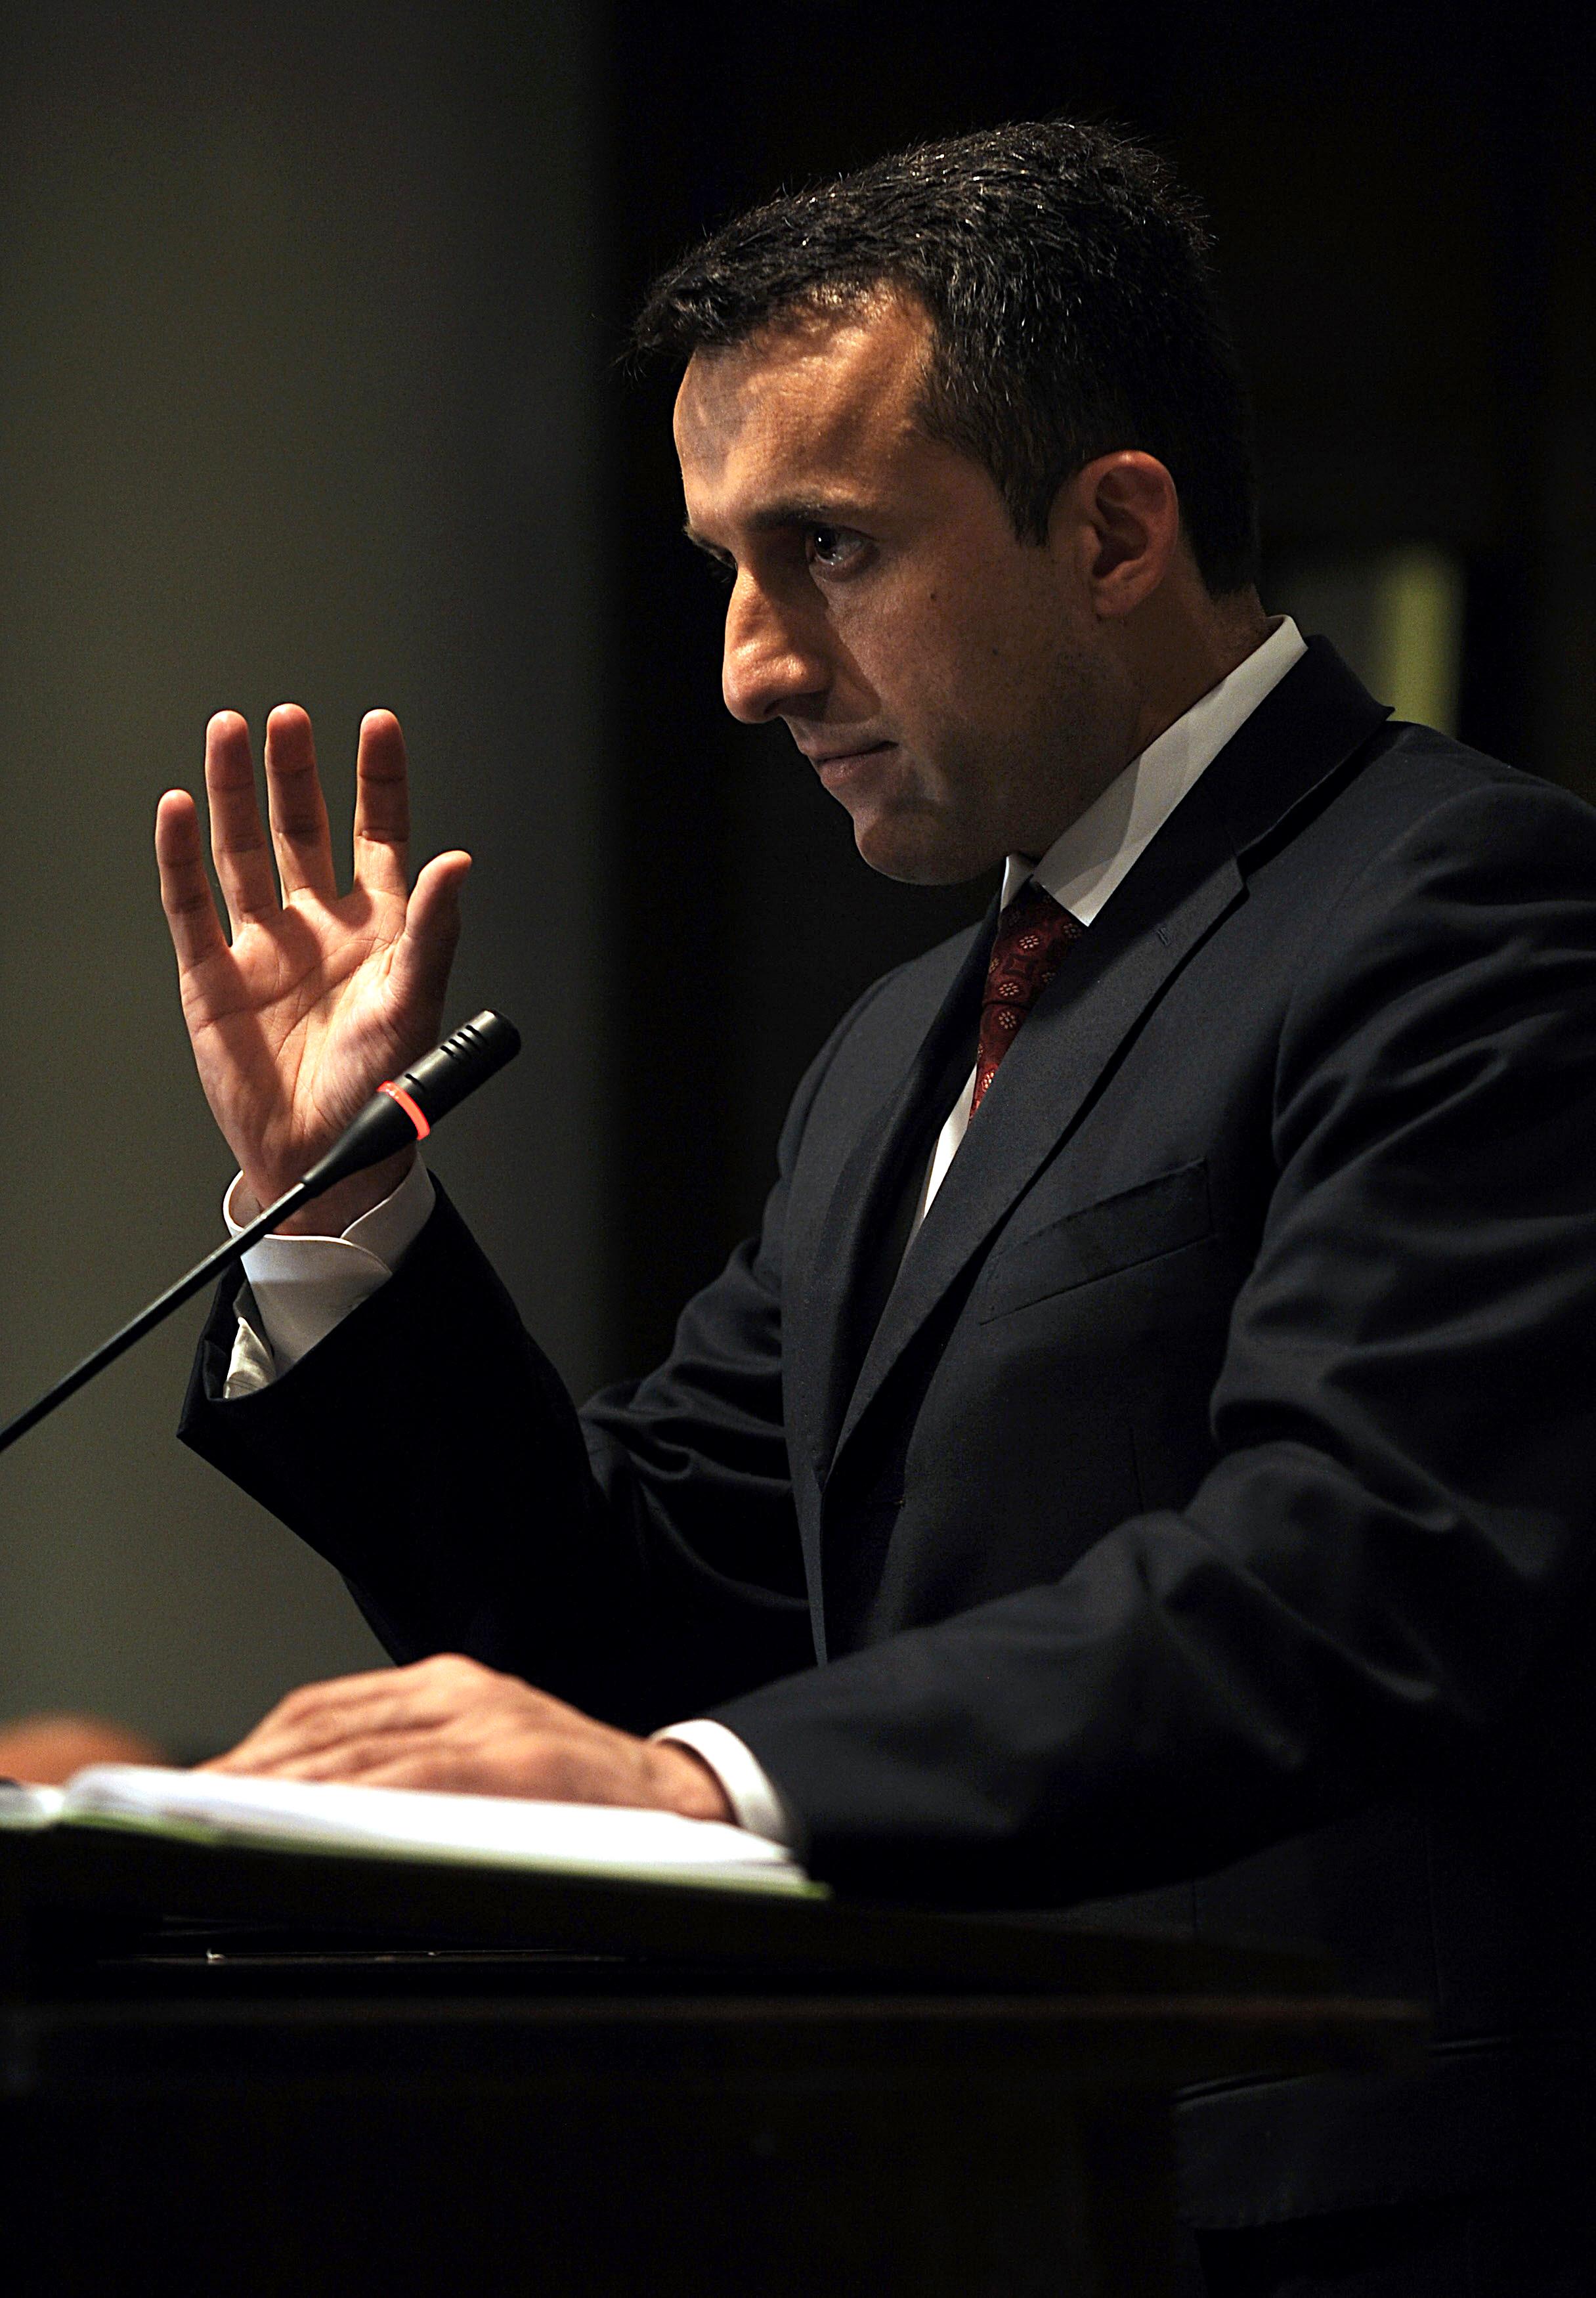 امرالله صالح: سپوتنیک افغانستان عمدتاً حاوی 'اخبار دروغ' است